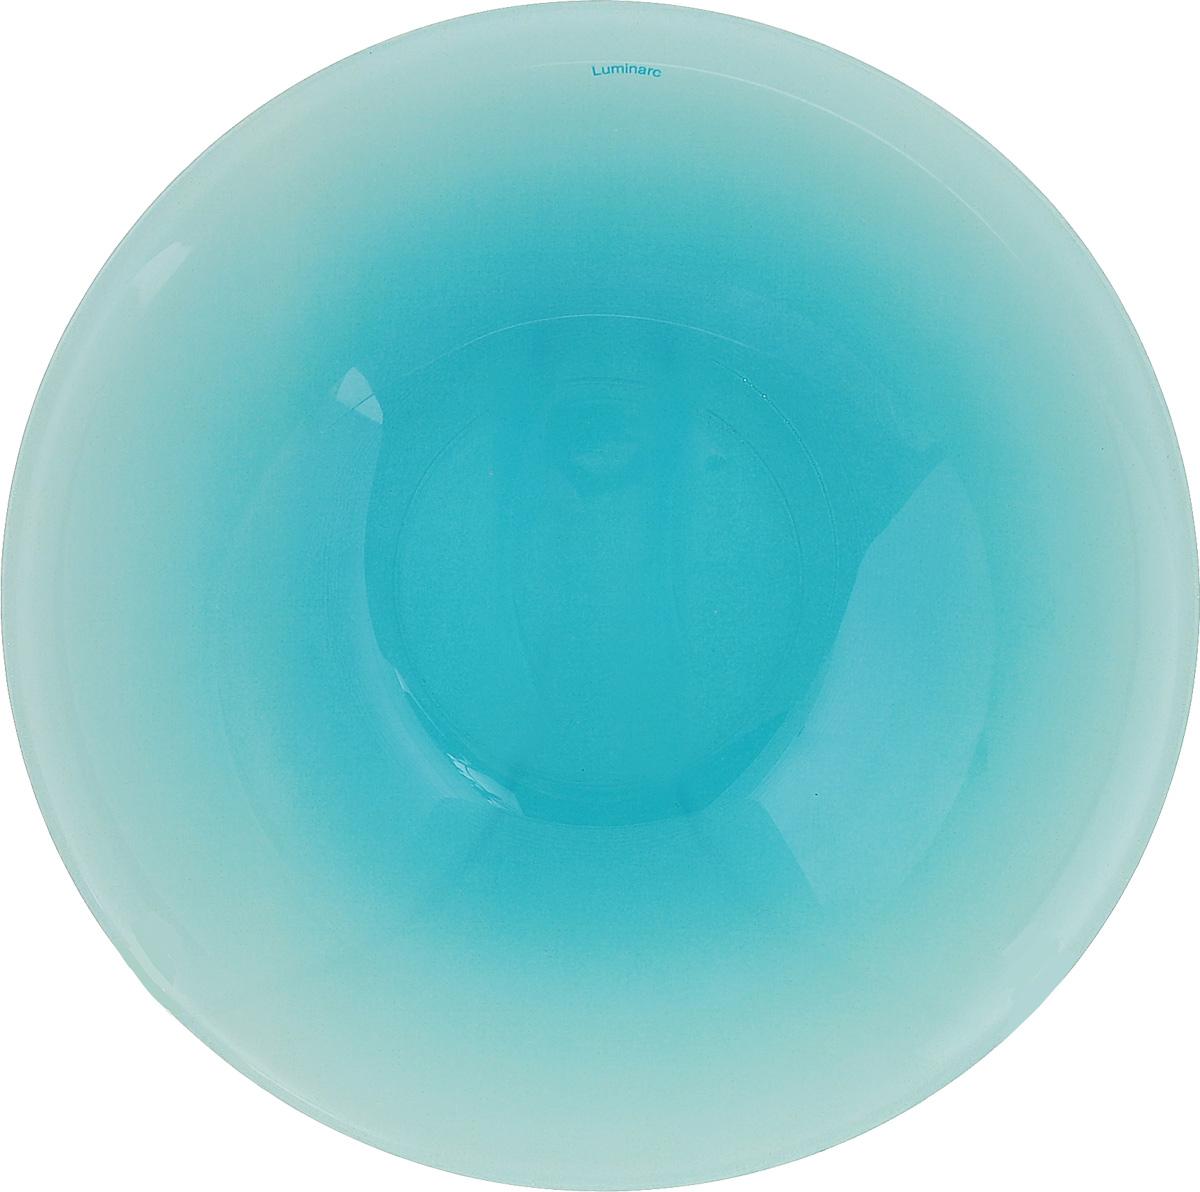 Салатник Luminarc Fizz Frozen, диаметр 16,5 смH1497Салатник Luminarc Fizz Frozen выполнен из ударопрочного стекла. Яркий дизайн придется по вкусу и ценителям классики, и тем, кто предпочитает утонченность и изысканность. Салатник Luminarc Fizz Frozen идеально подойдет для сервировки стола и станет отличным подарком к любому празднику.Диаметр (по верхнему краю): 16,5 см.